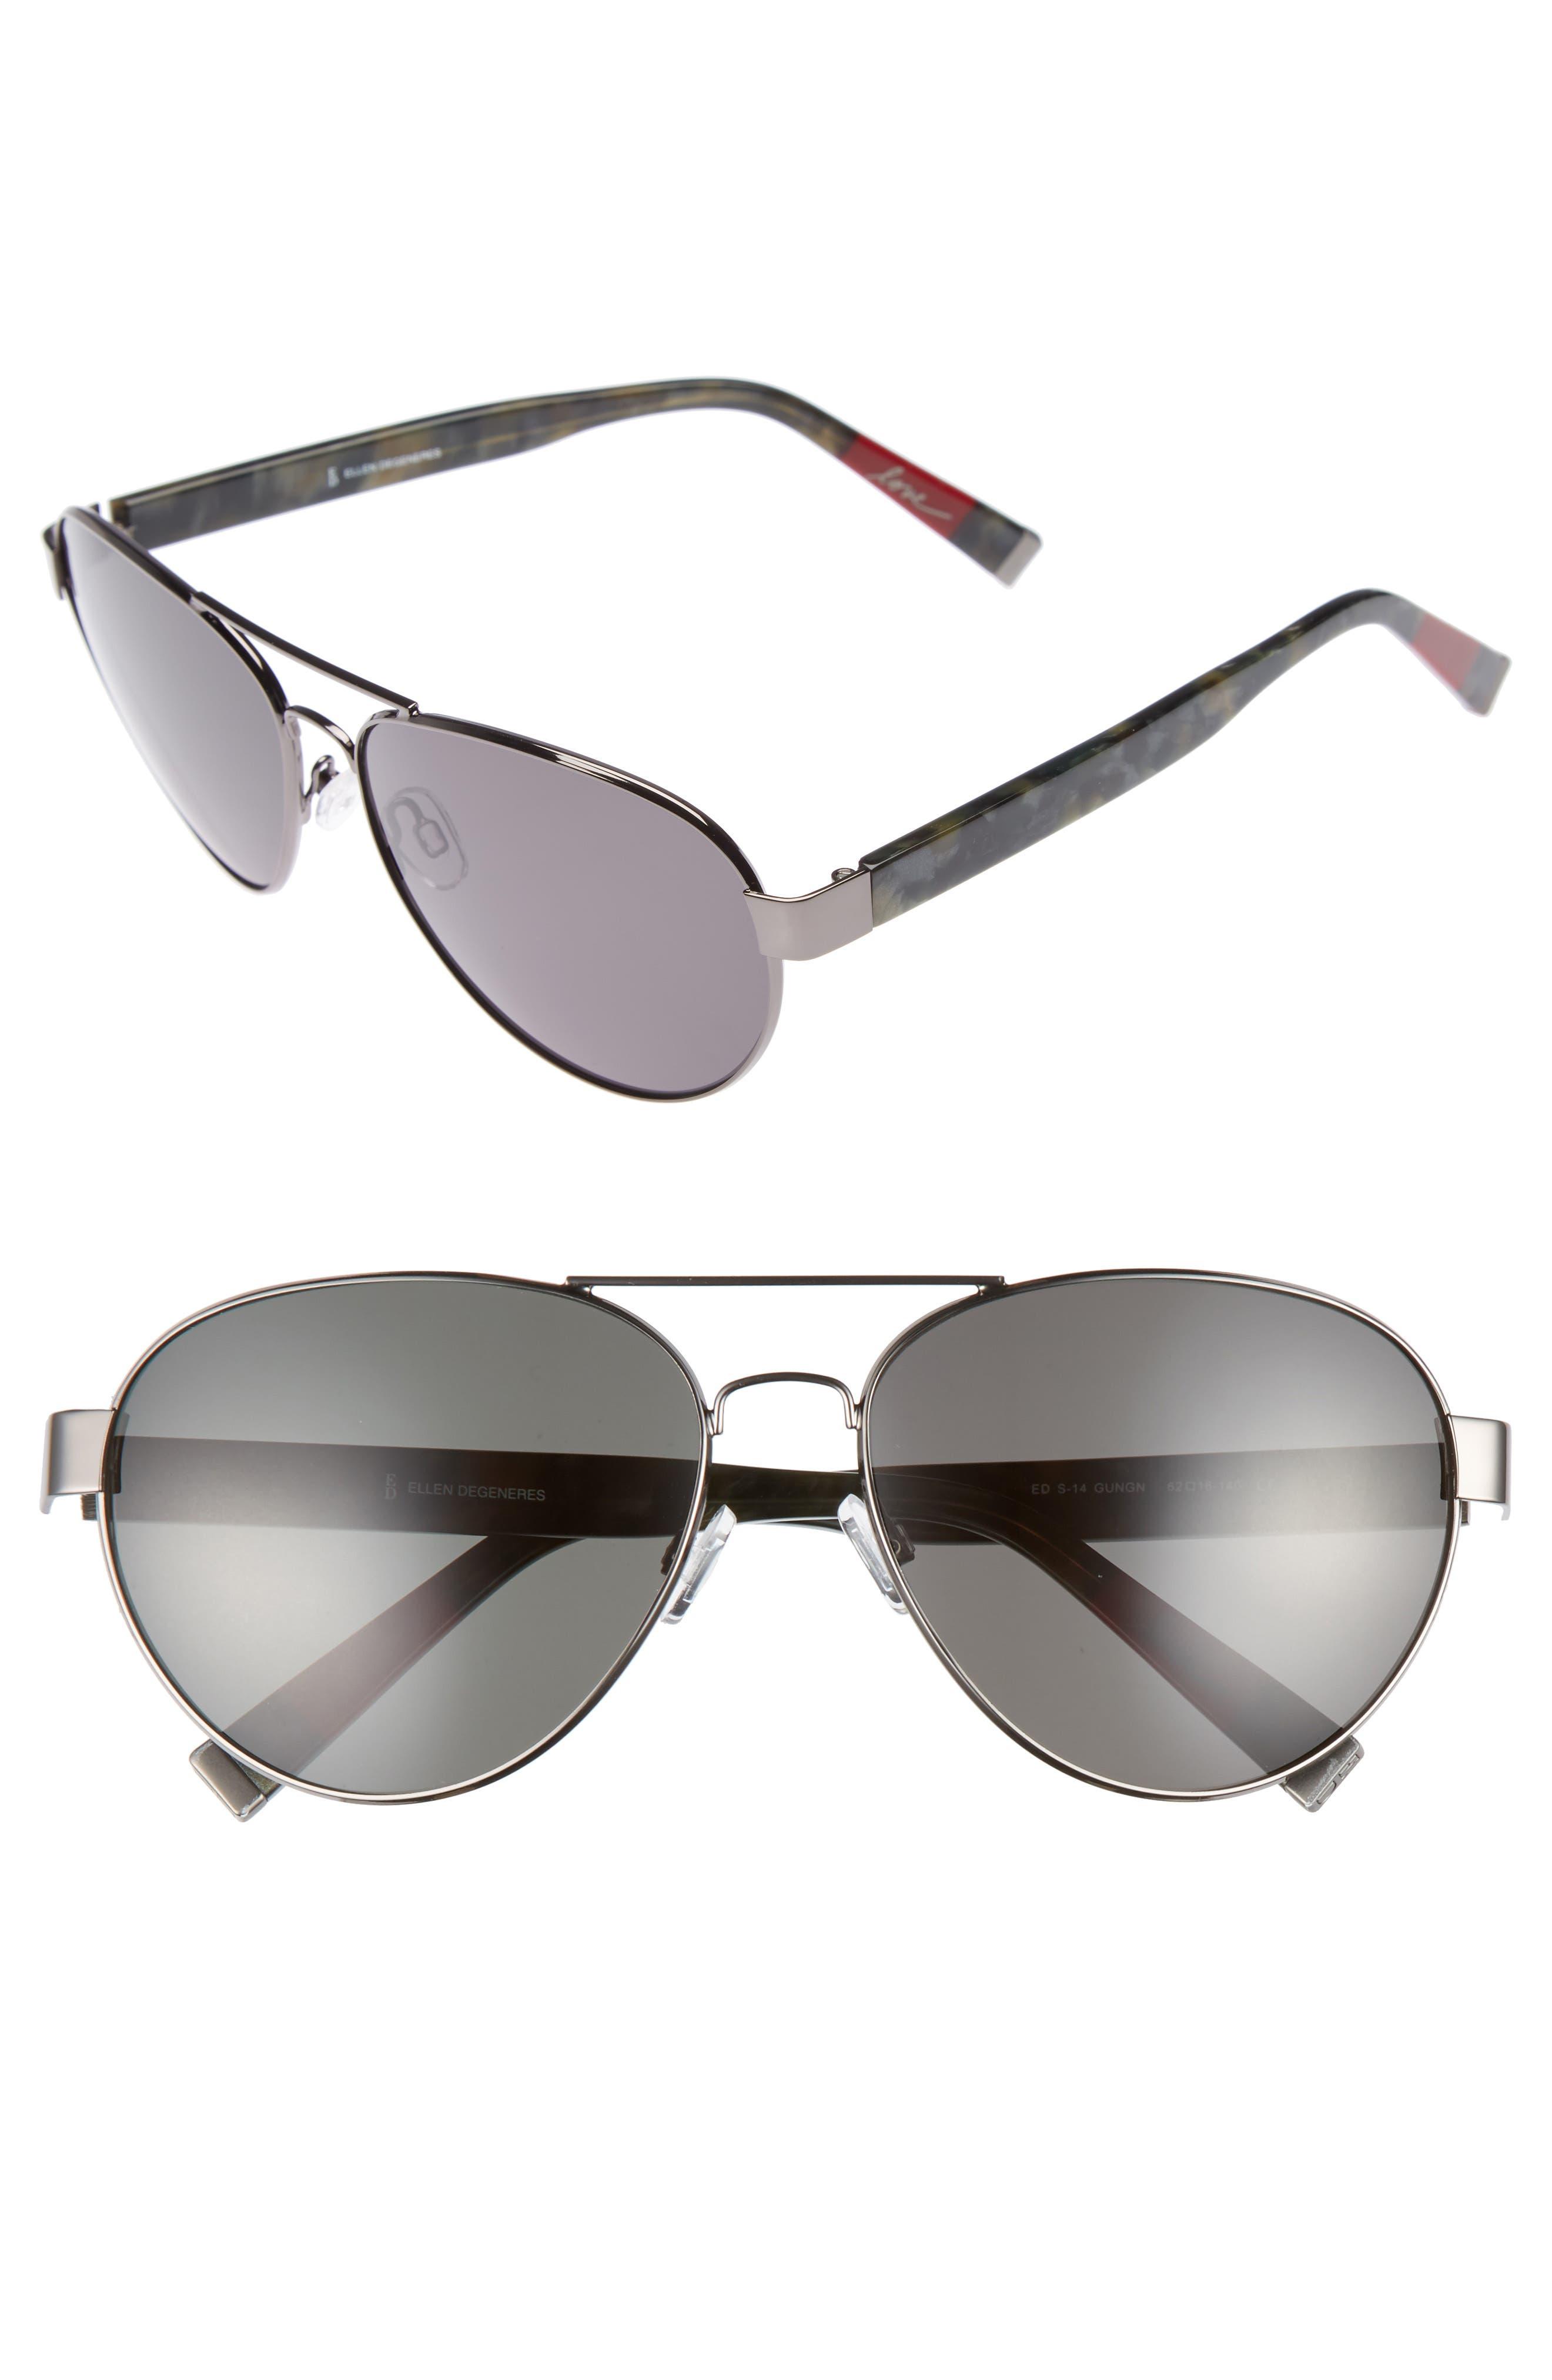 Alternate Image 1 Selected - ED Ellen DeGeneres 62mm Oversize Aviator Sunglasses